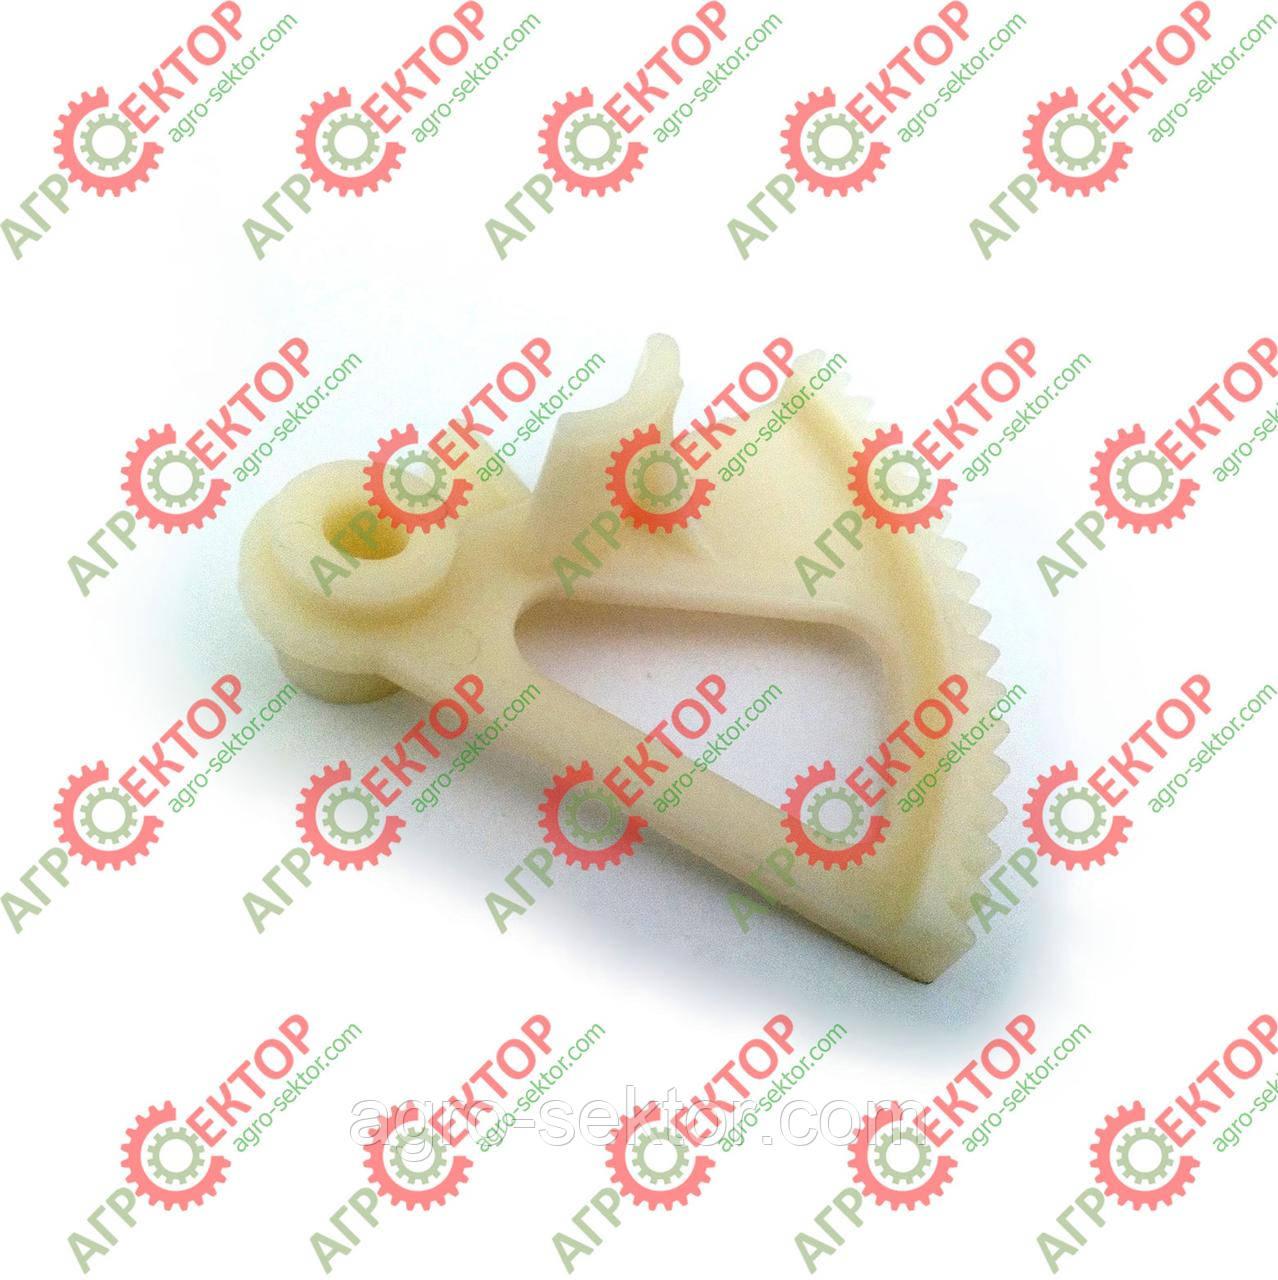 Зубчатый сектор регулироовки длины тюка Сlaas Markant 800435.3